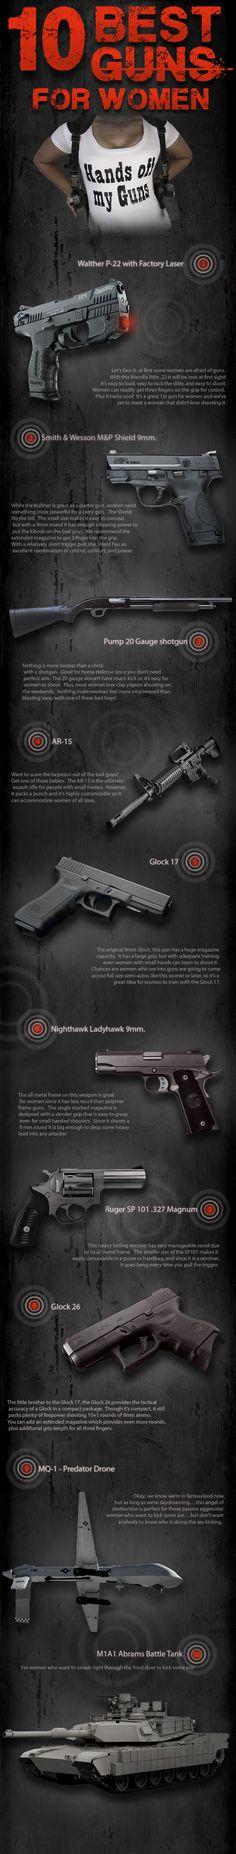 The 10 Best Guns for Women